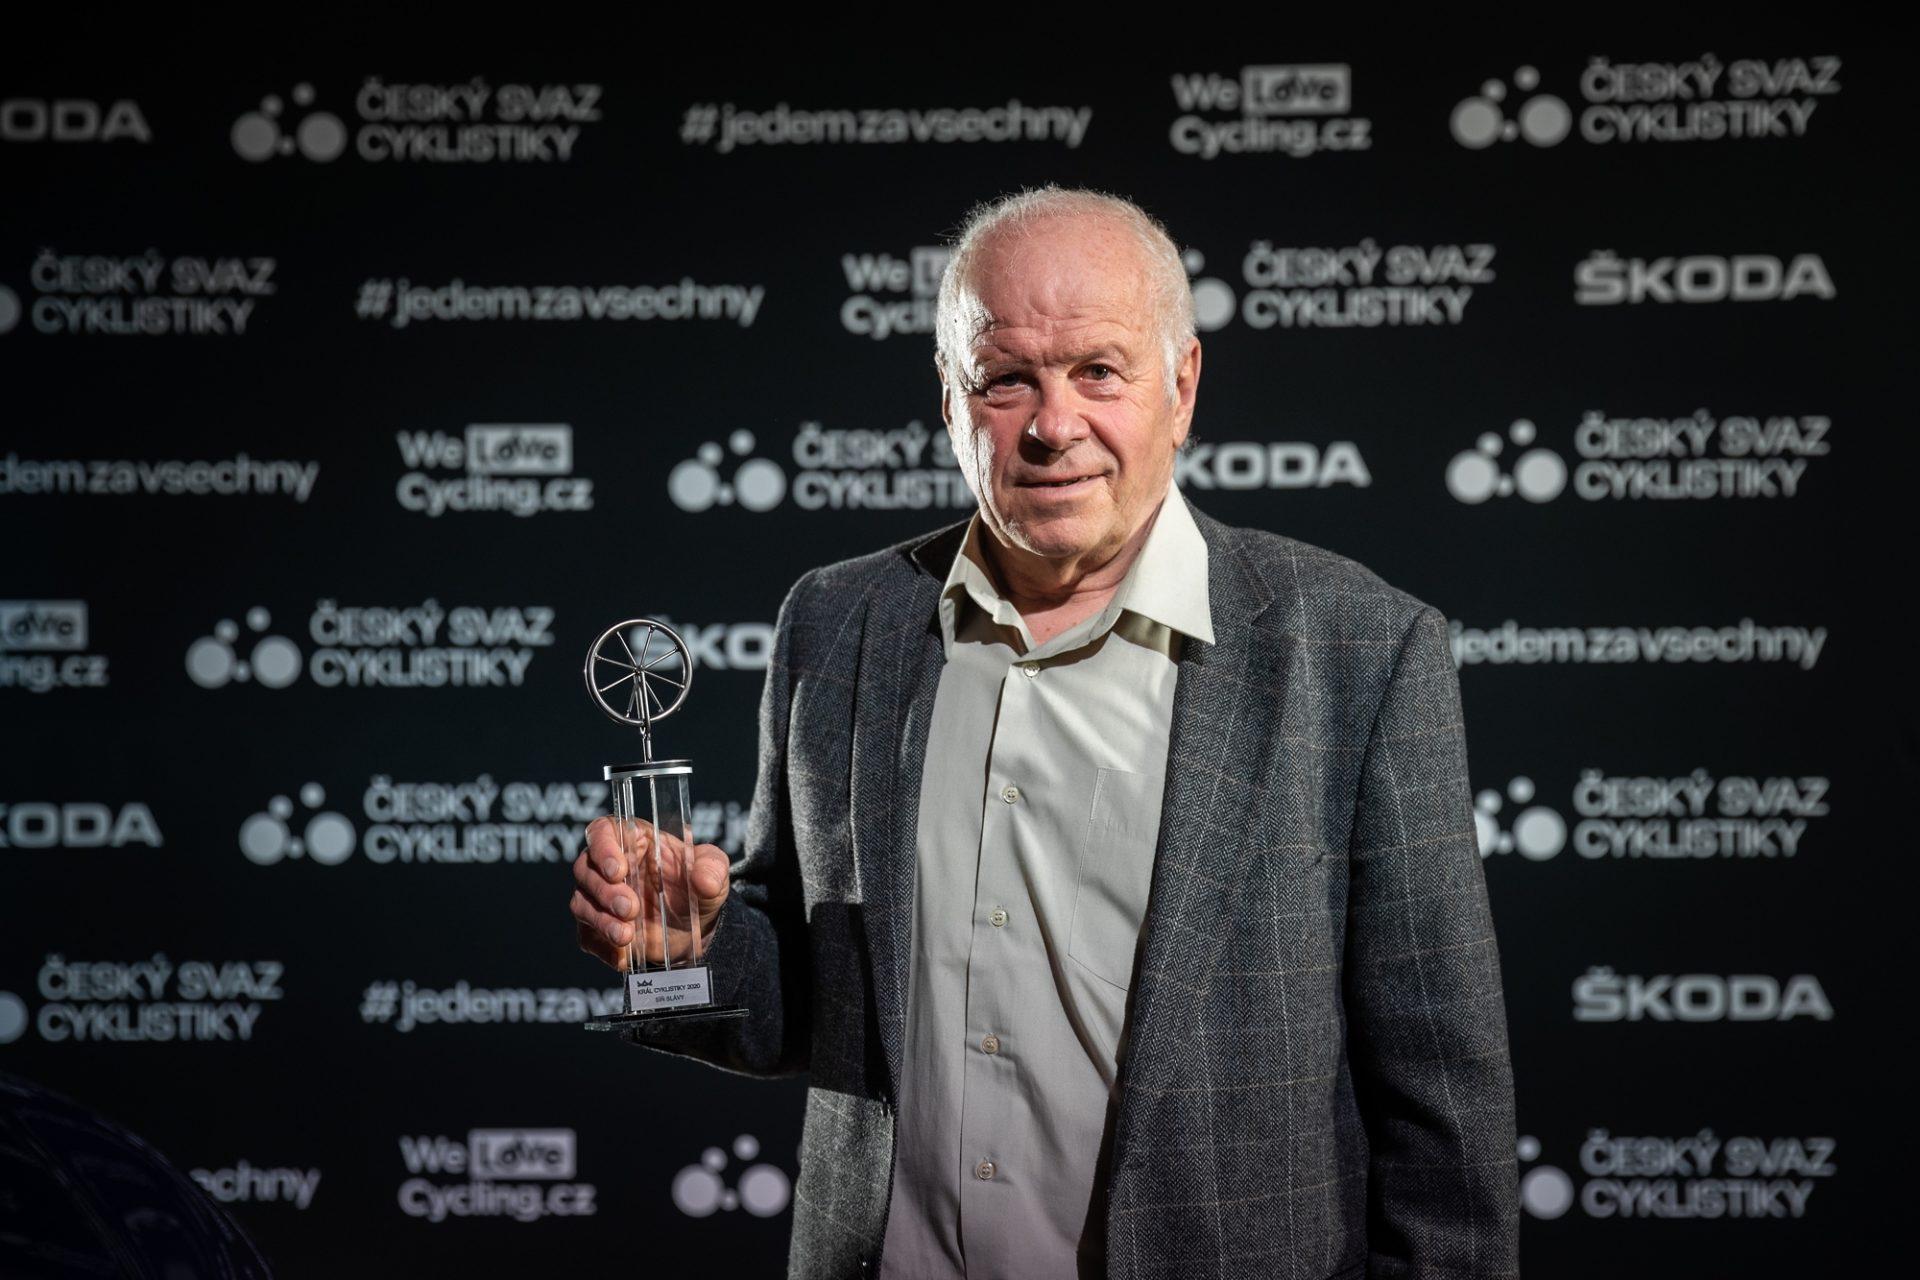 Antonín Bartoníček byl na jaře 2021 uveden do Síně slávy Českého svazu cyklistiky. Foto: Michal Červený